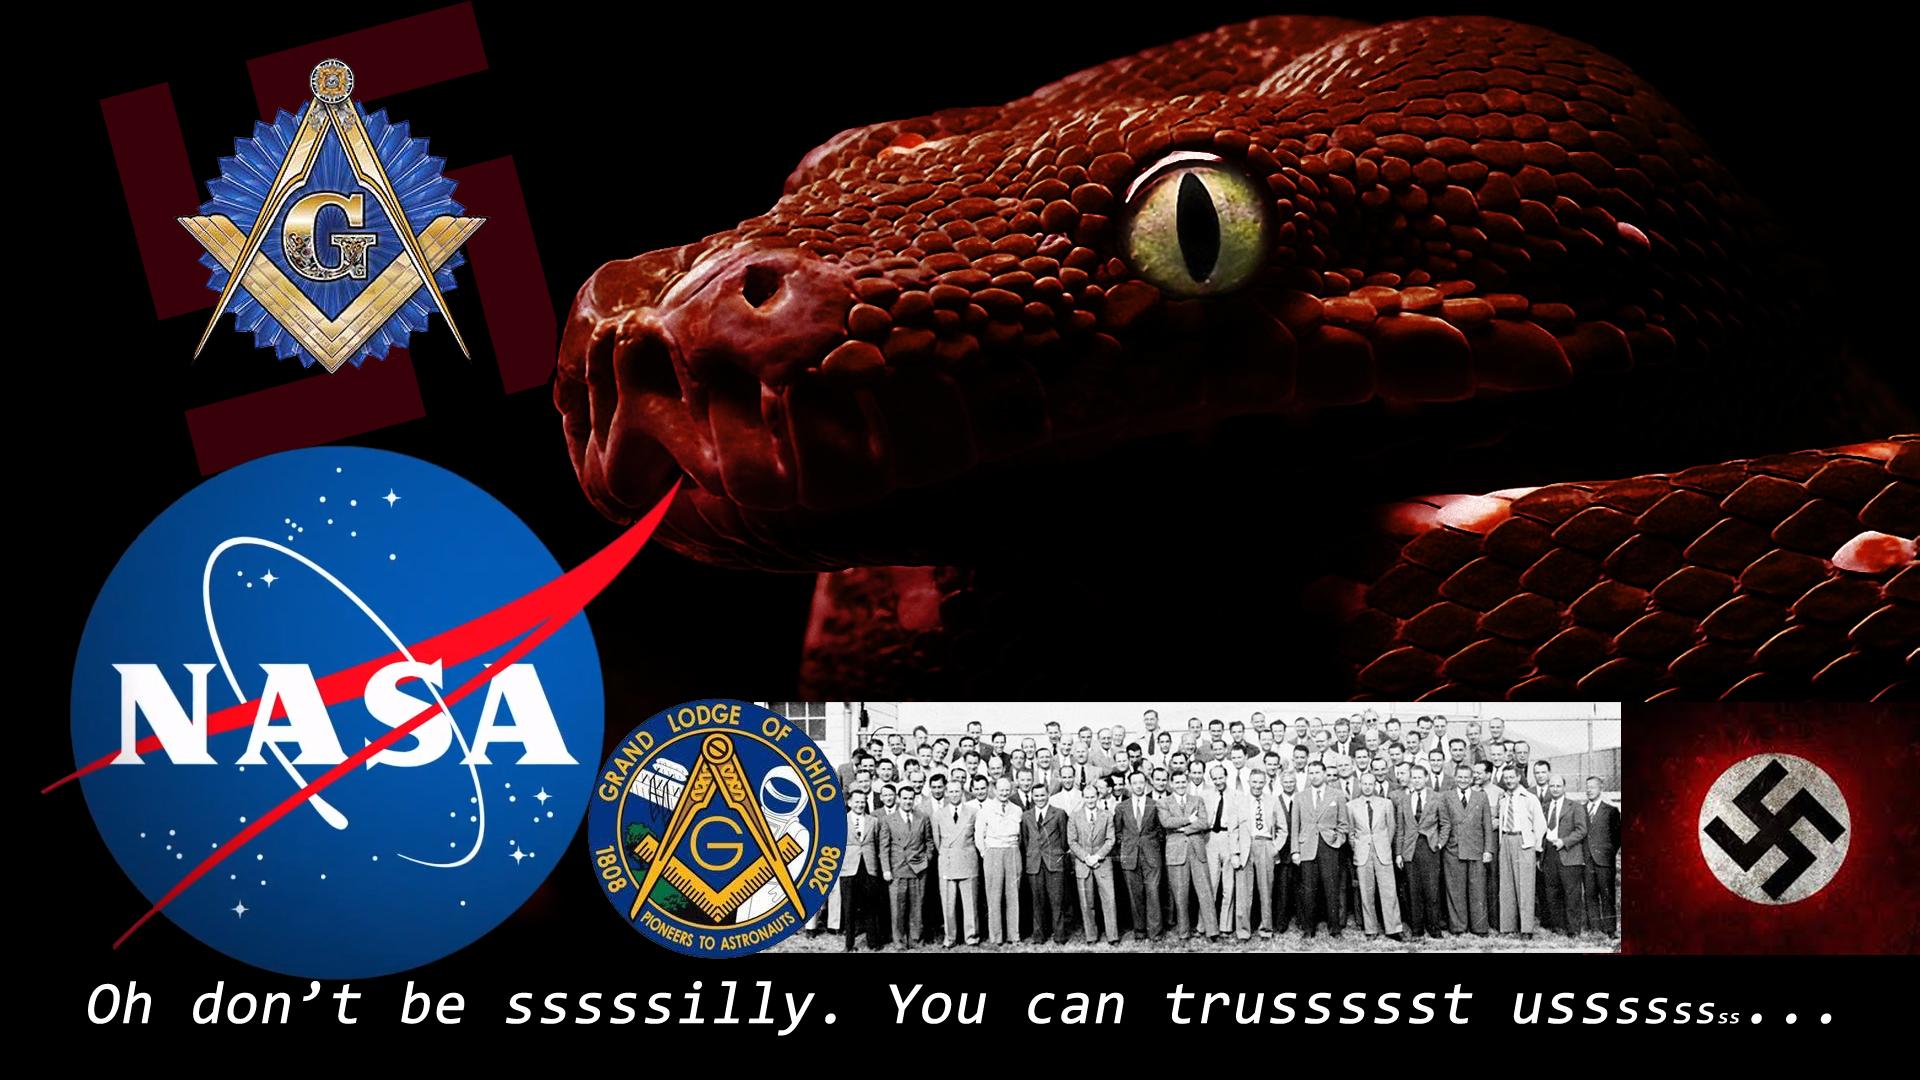 Trust NASA?